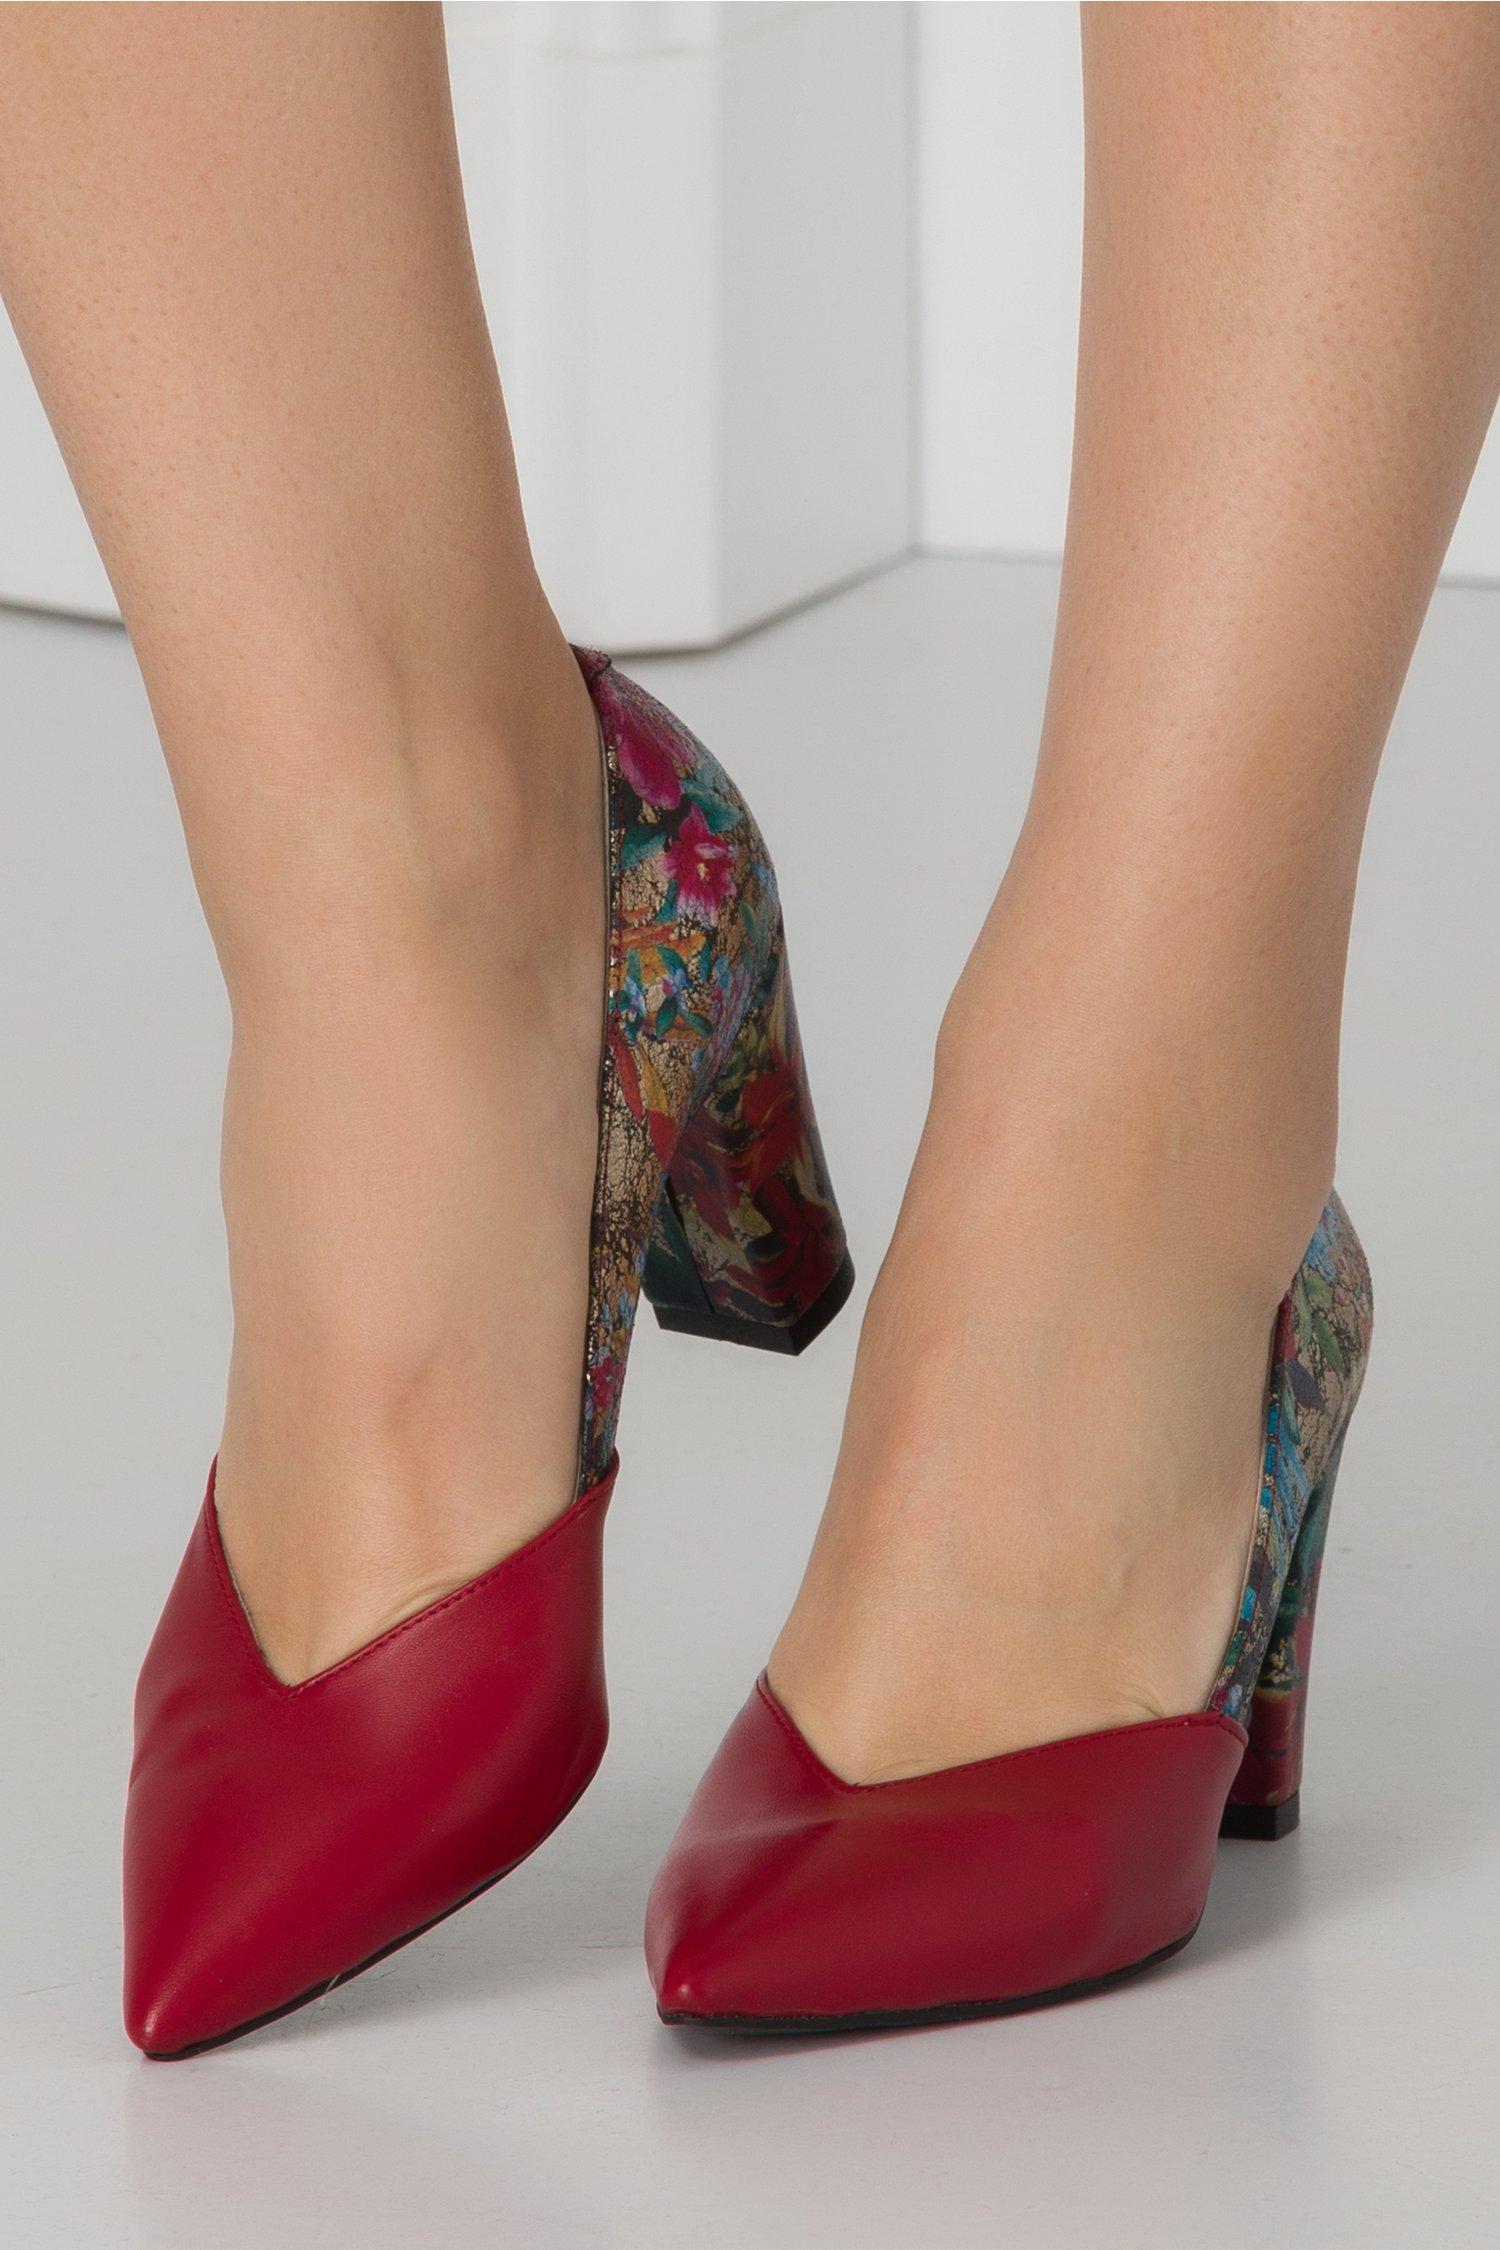 Pantofi cu imprimeuri florale decupati in v si varf rosu